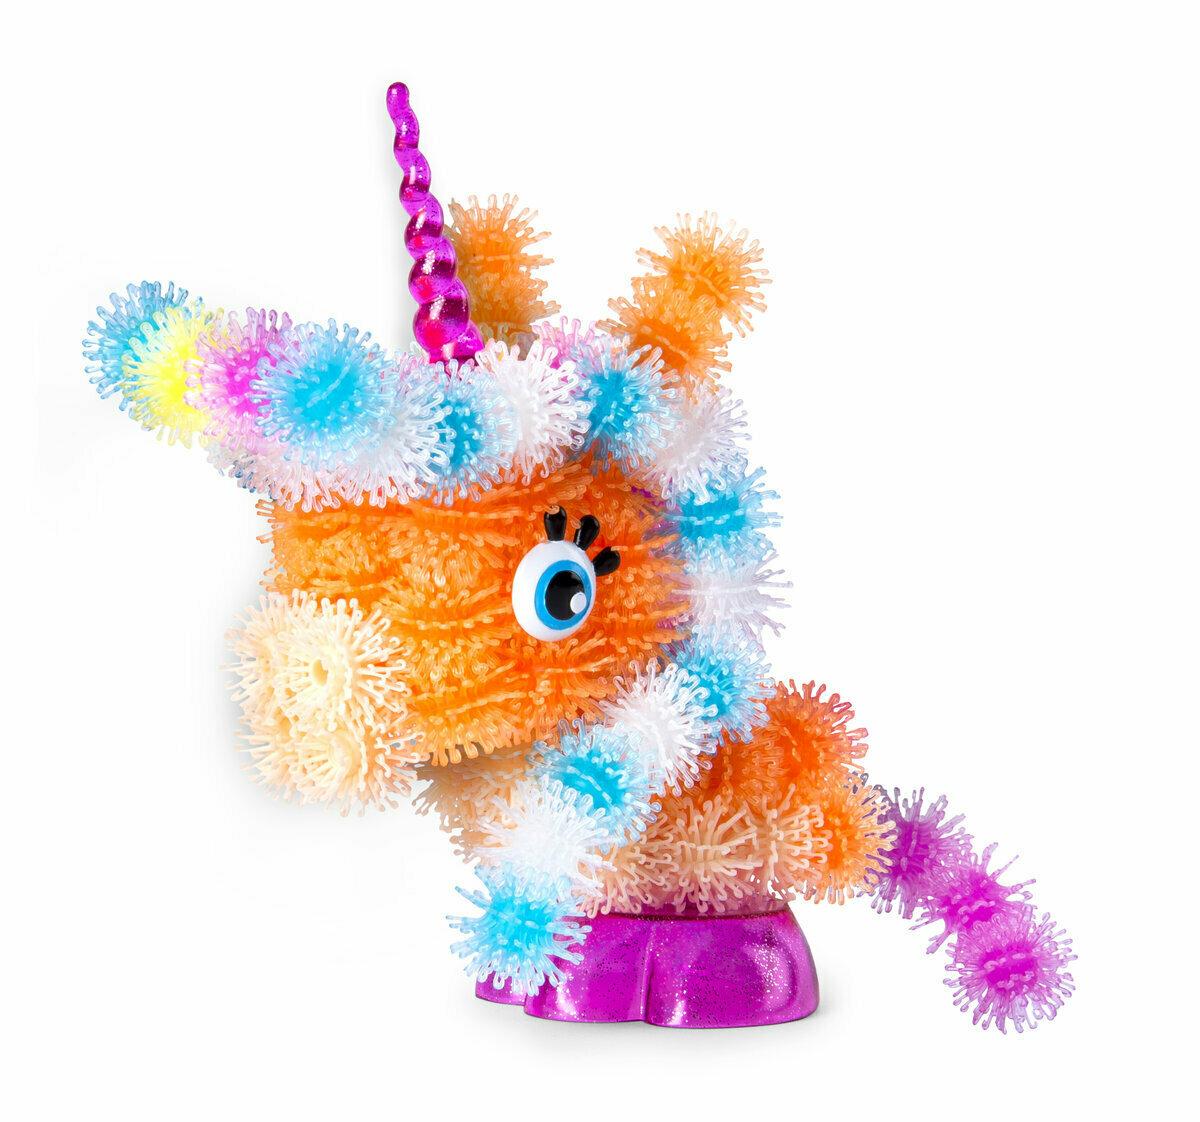 картинки фигуры из репейника игрушки сэнсэя получите